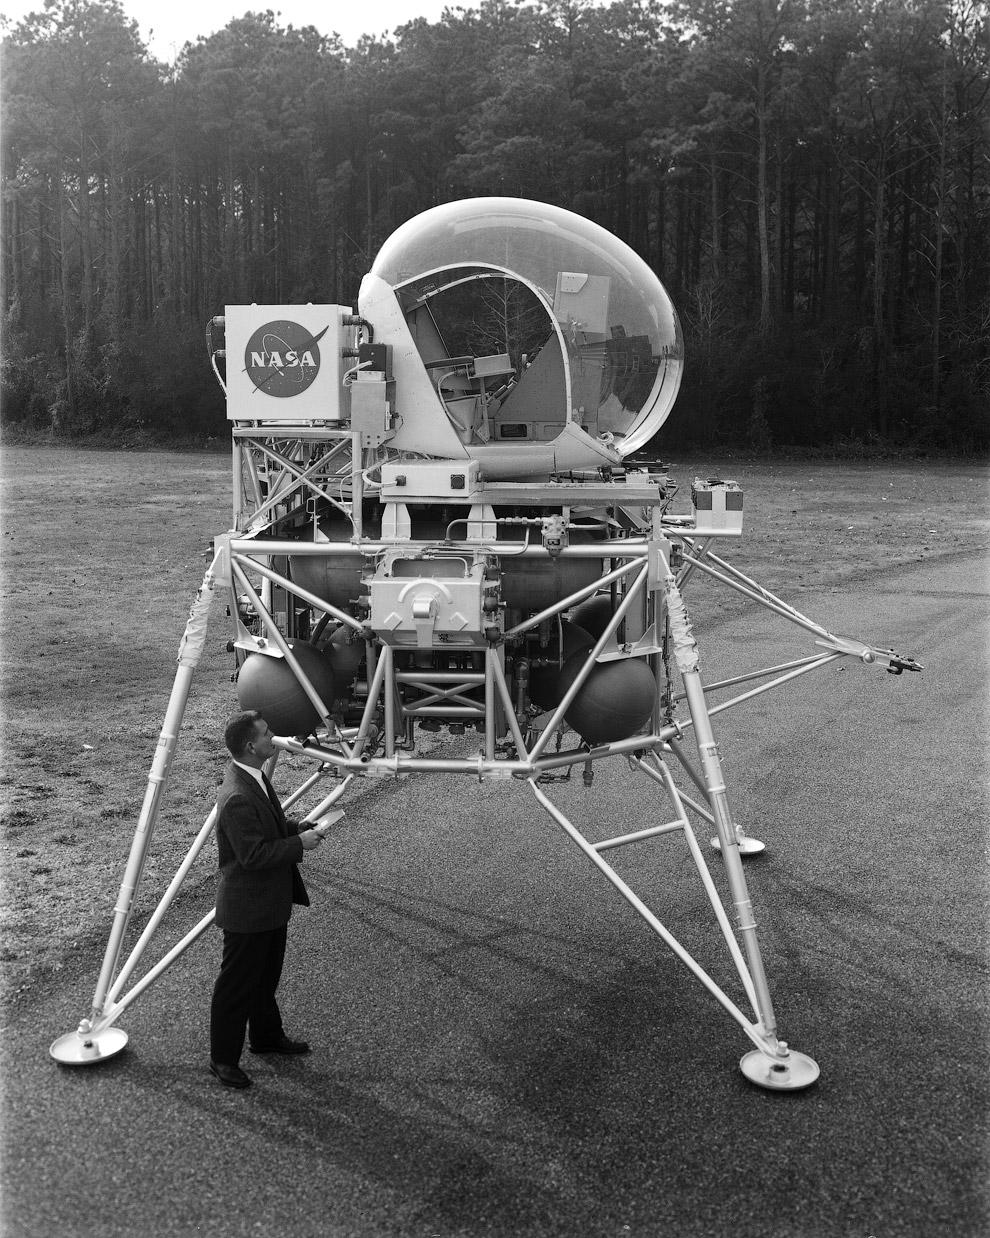 Этот спускаемый модуль, построенный в 1963 году, был частью проекта «Аполлон»